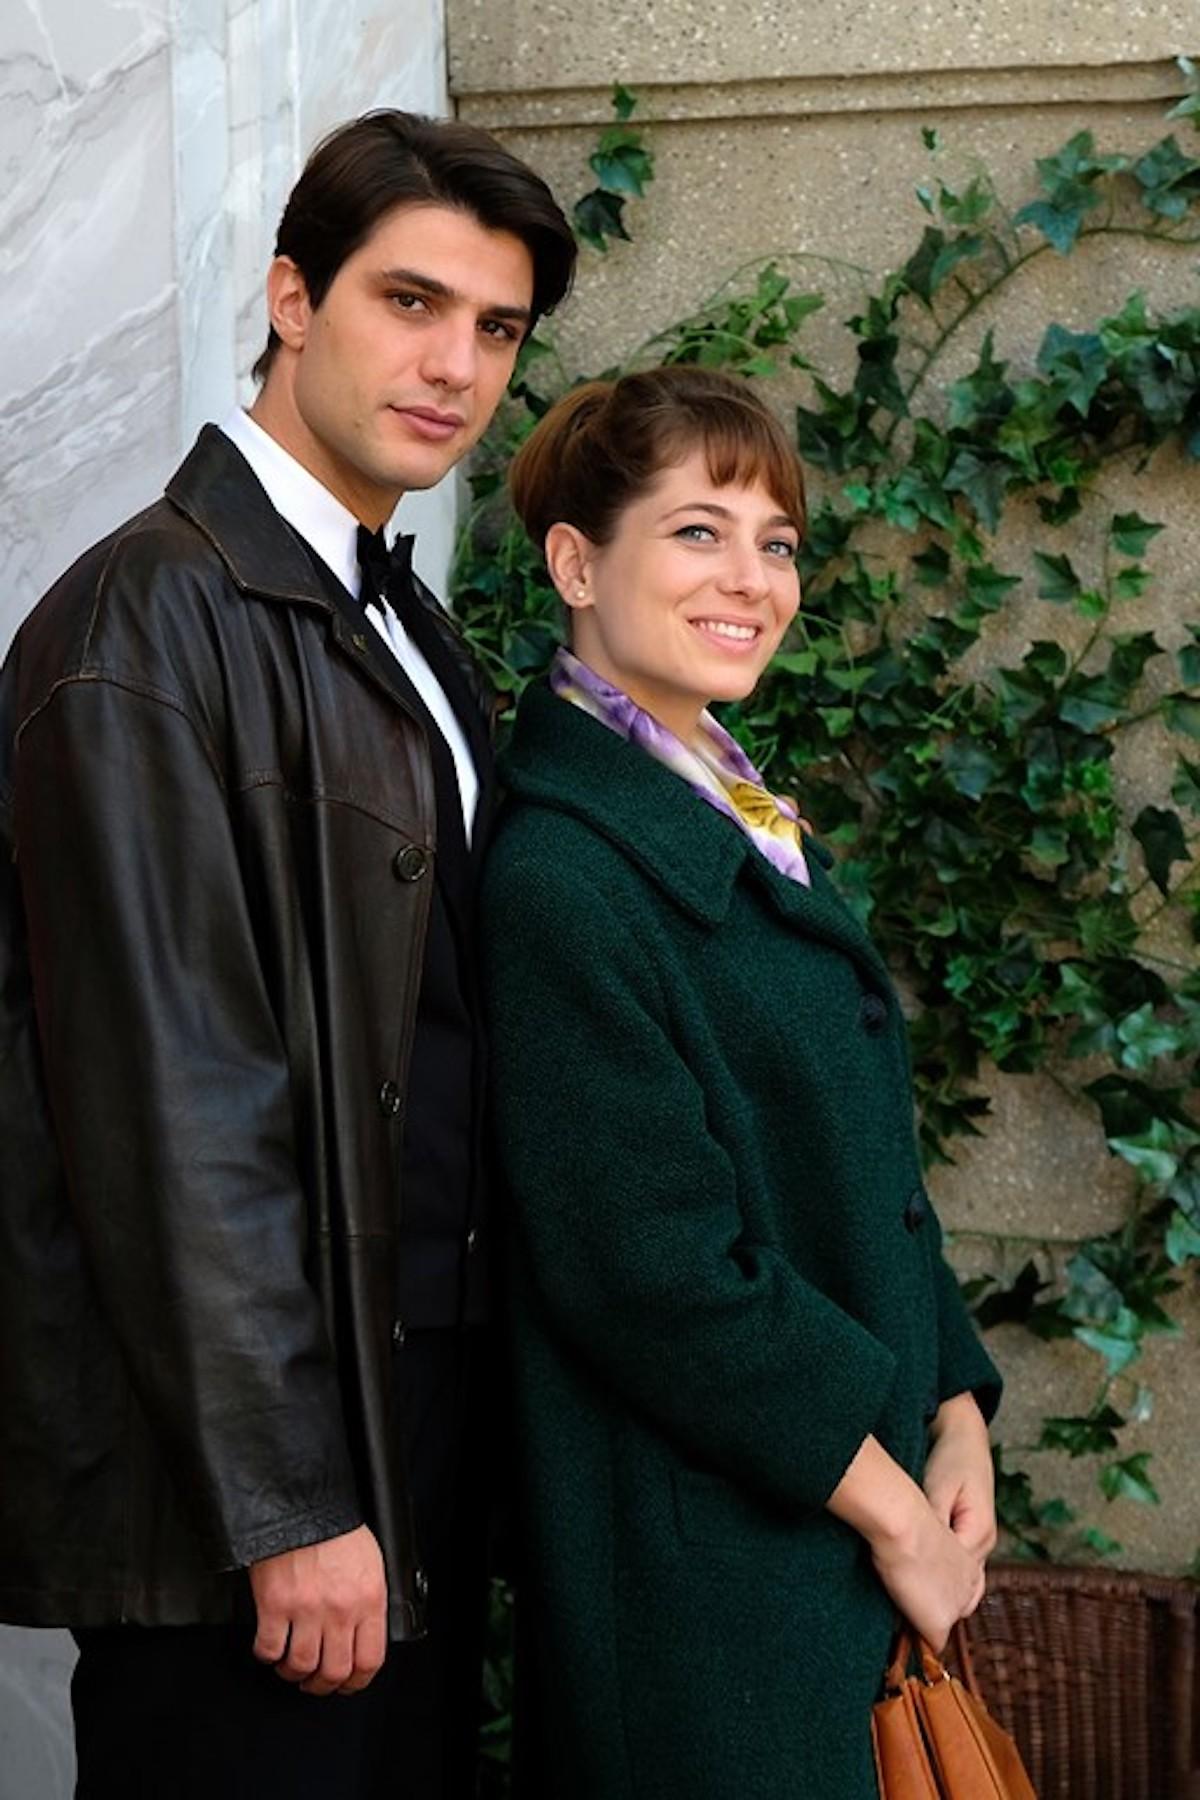 Roberta Pellegrino (Federica De Benedittis) e Marcello Barbieri (Pietro Masotti) de Il paradiso delle signore